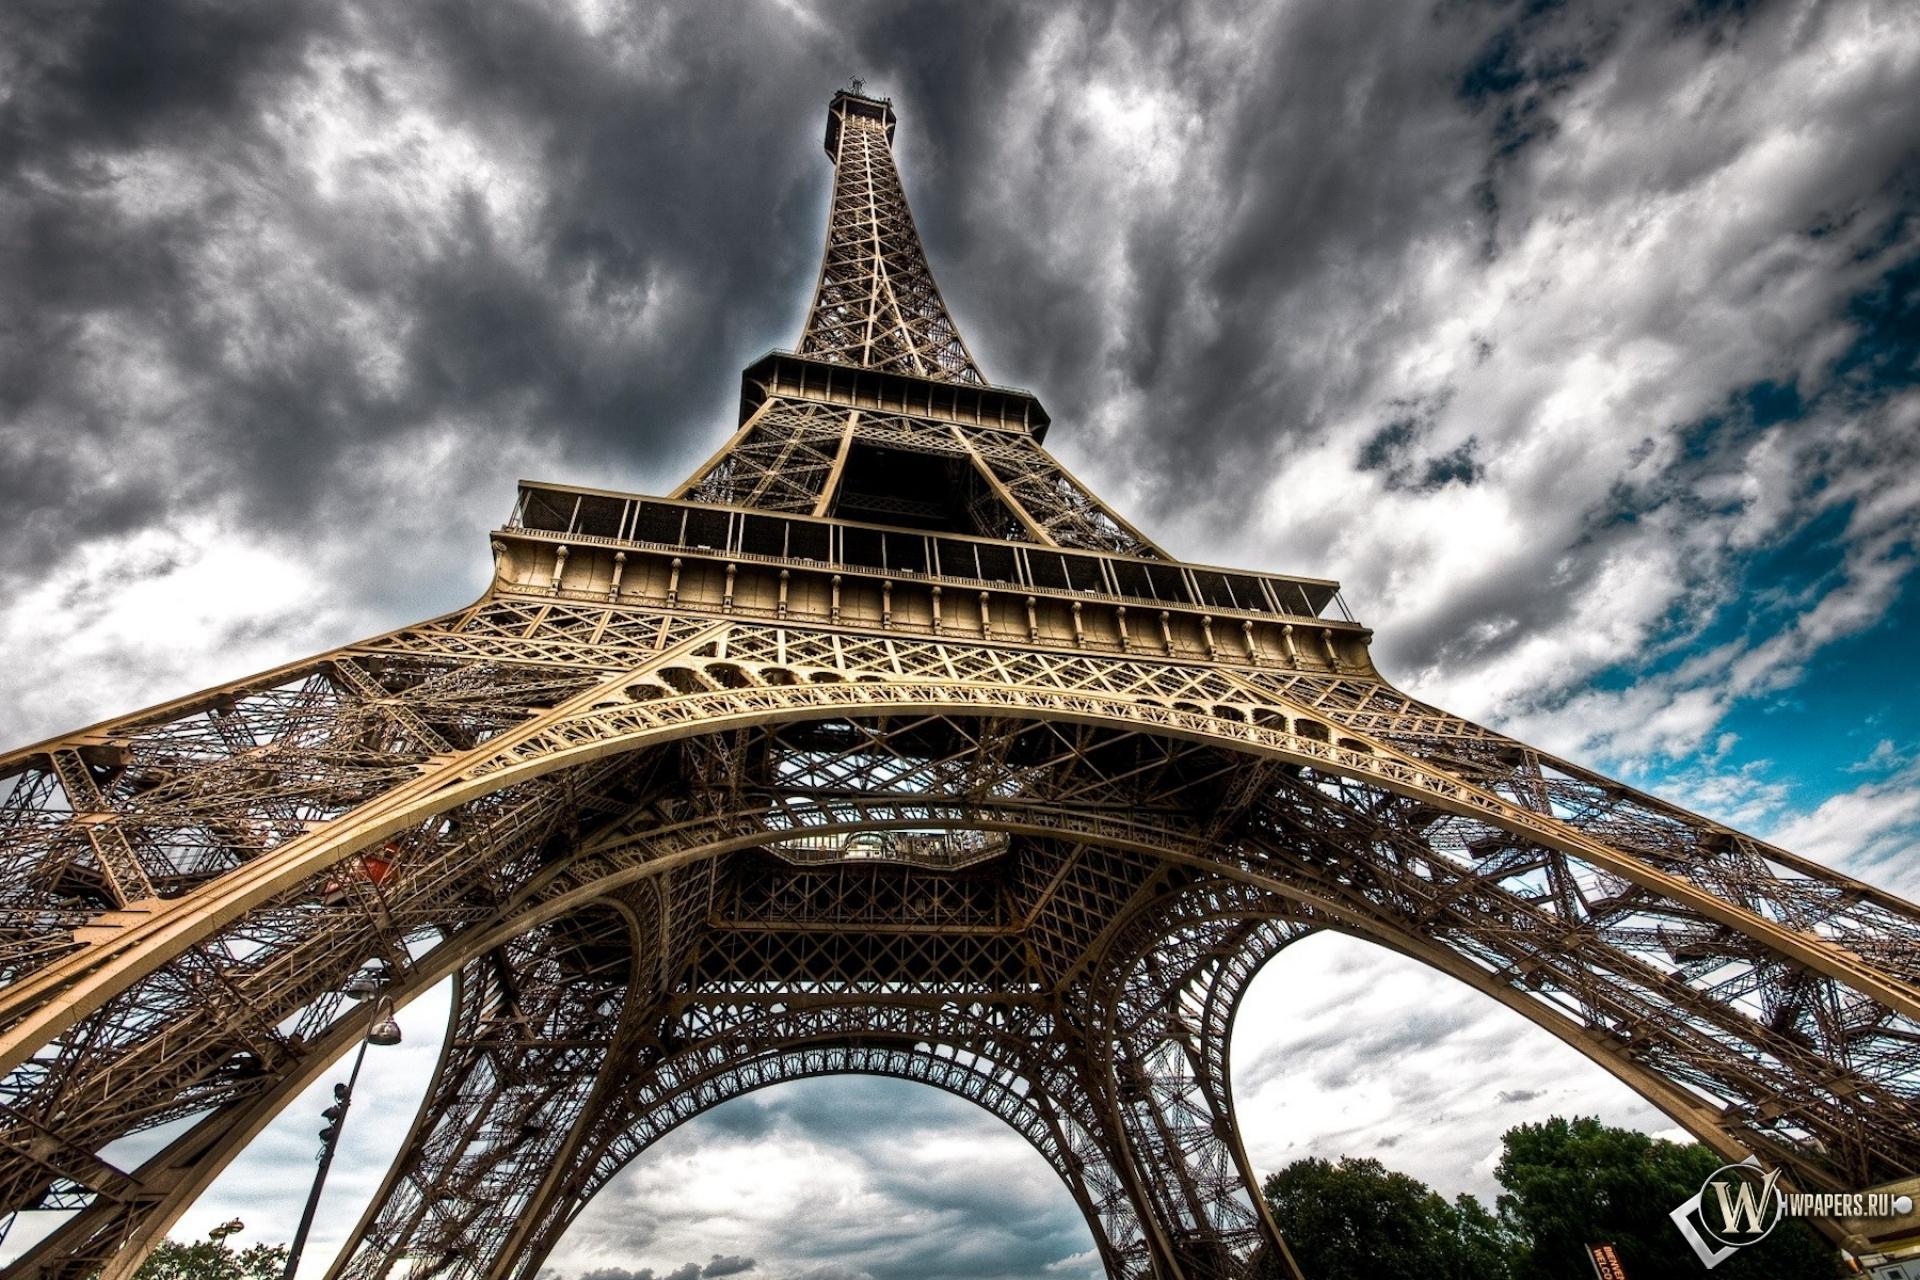 эйфелева башня фото высокого разрешения словами